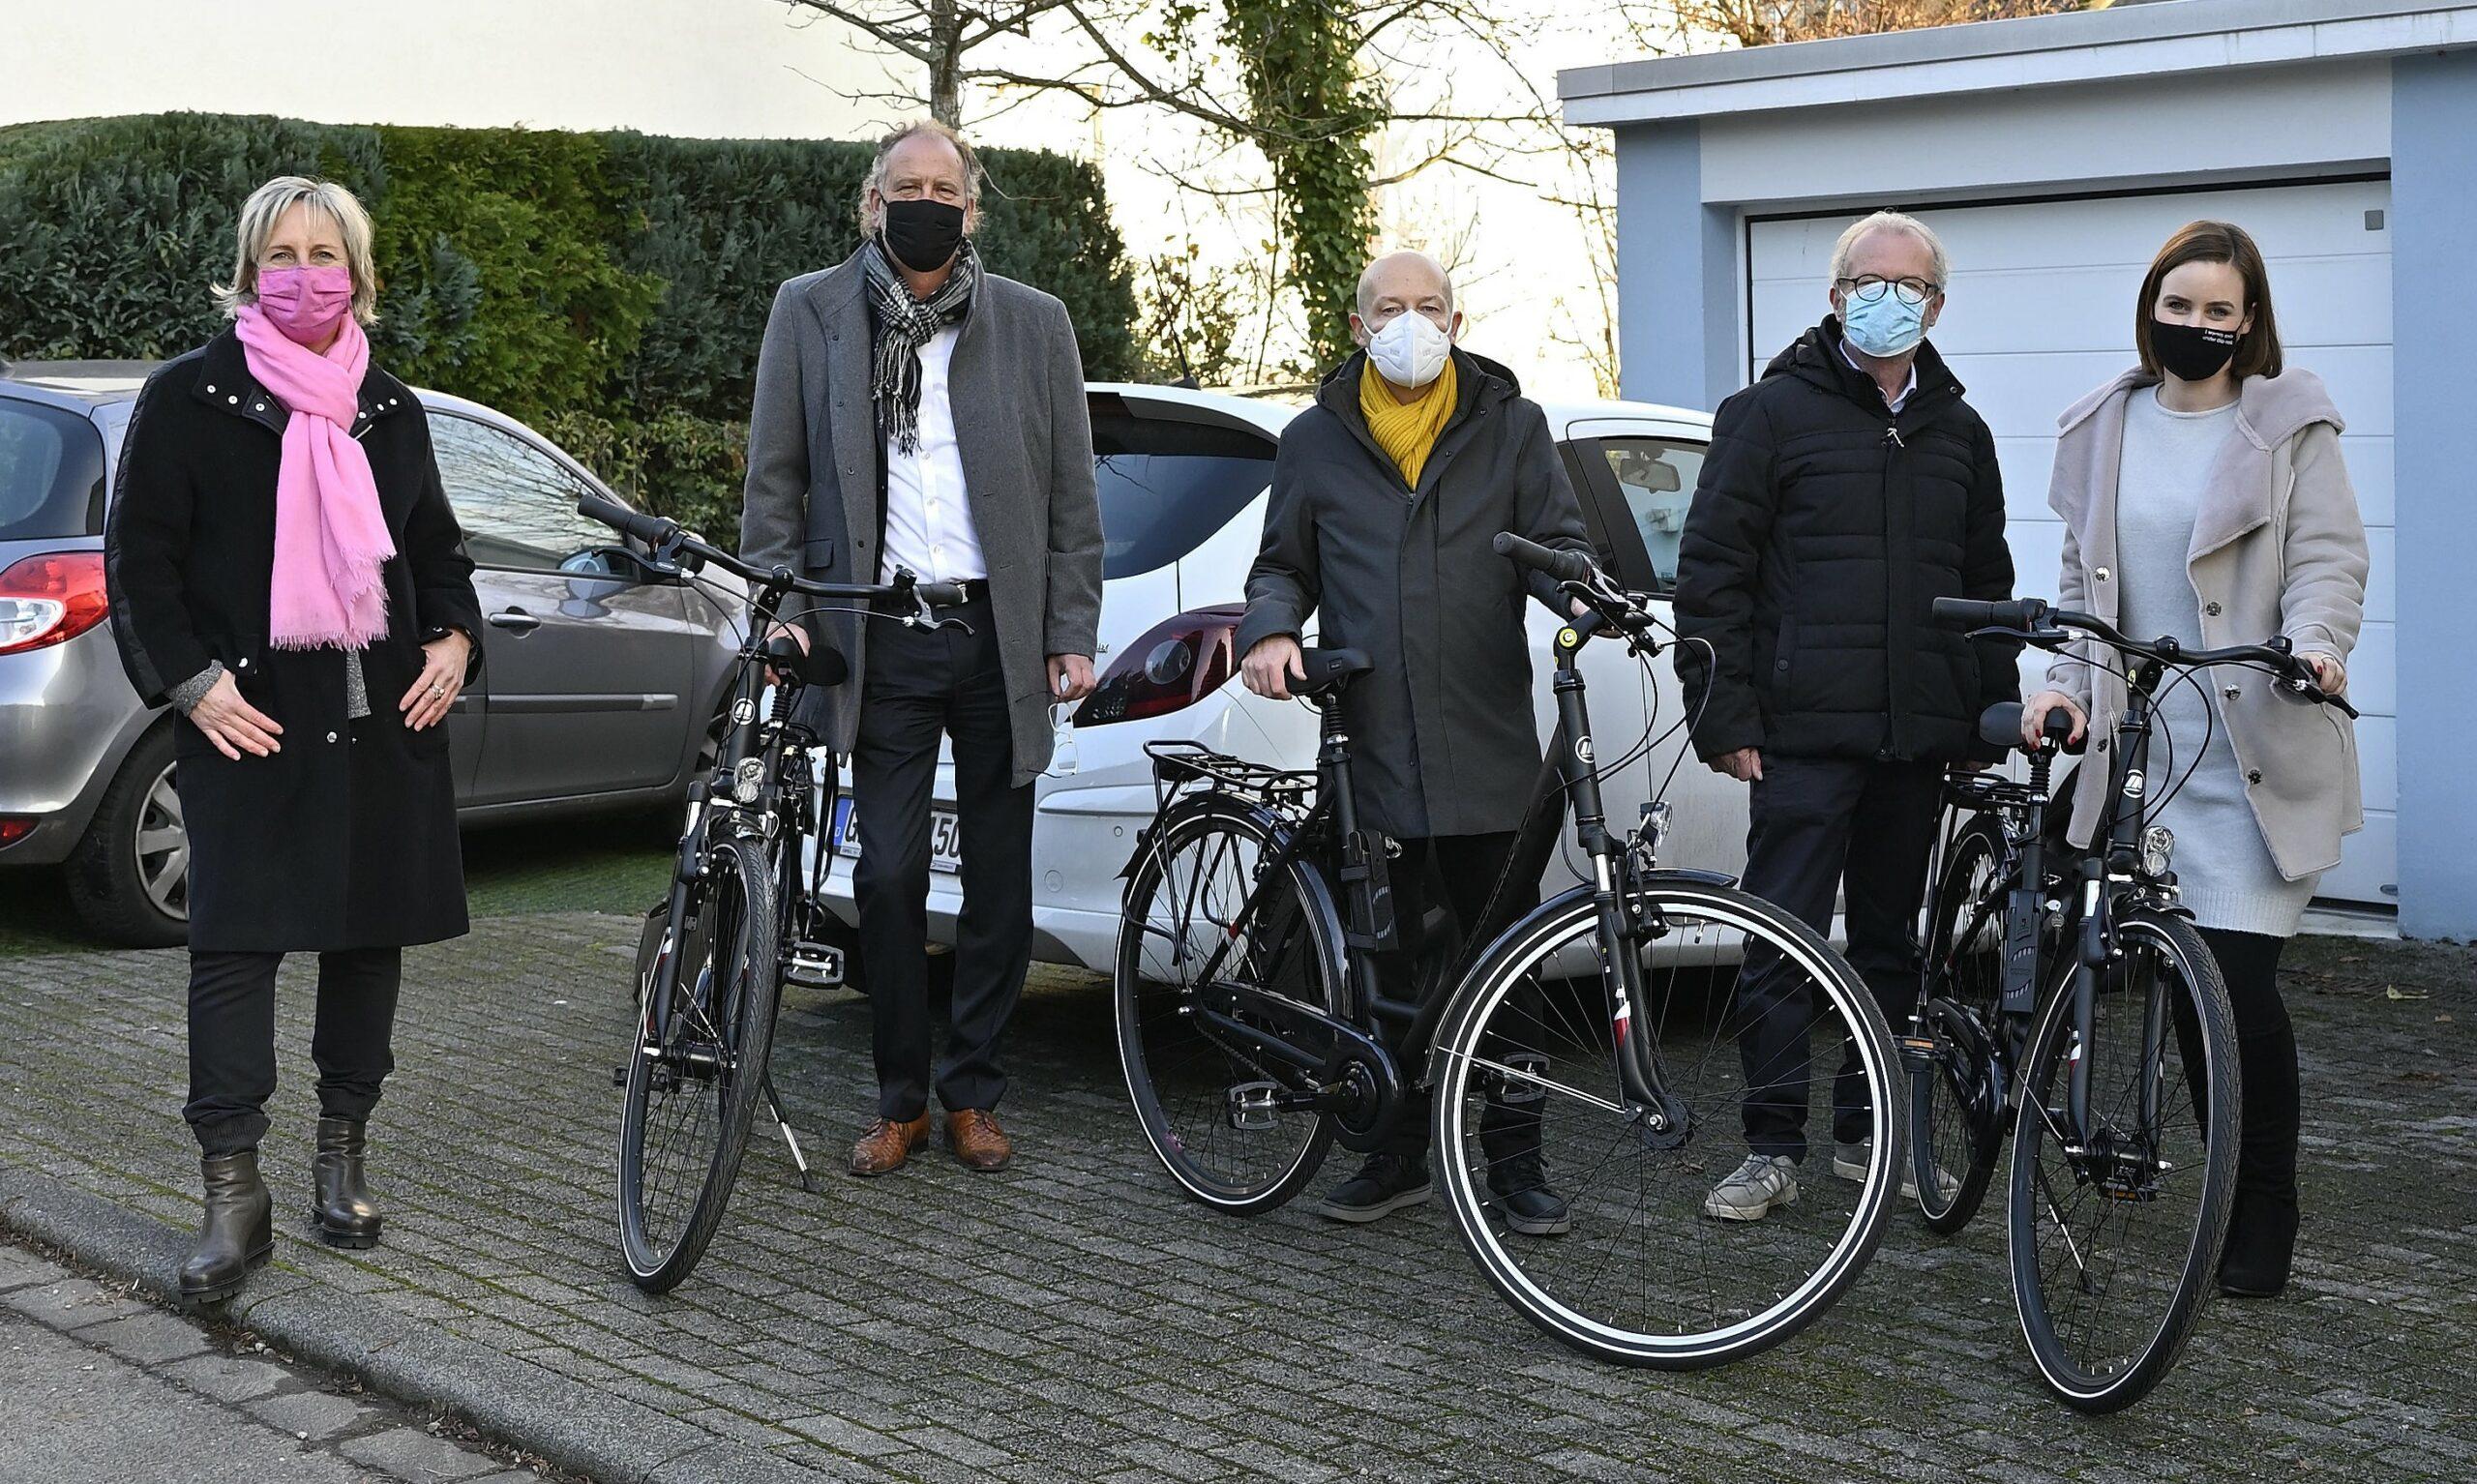 Bild von der Fahrradübergabe